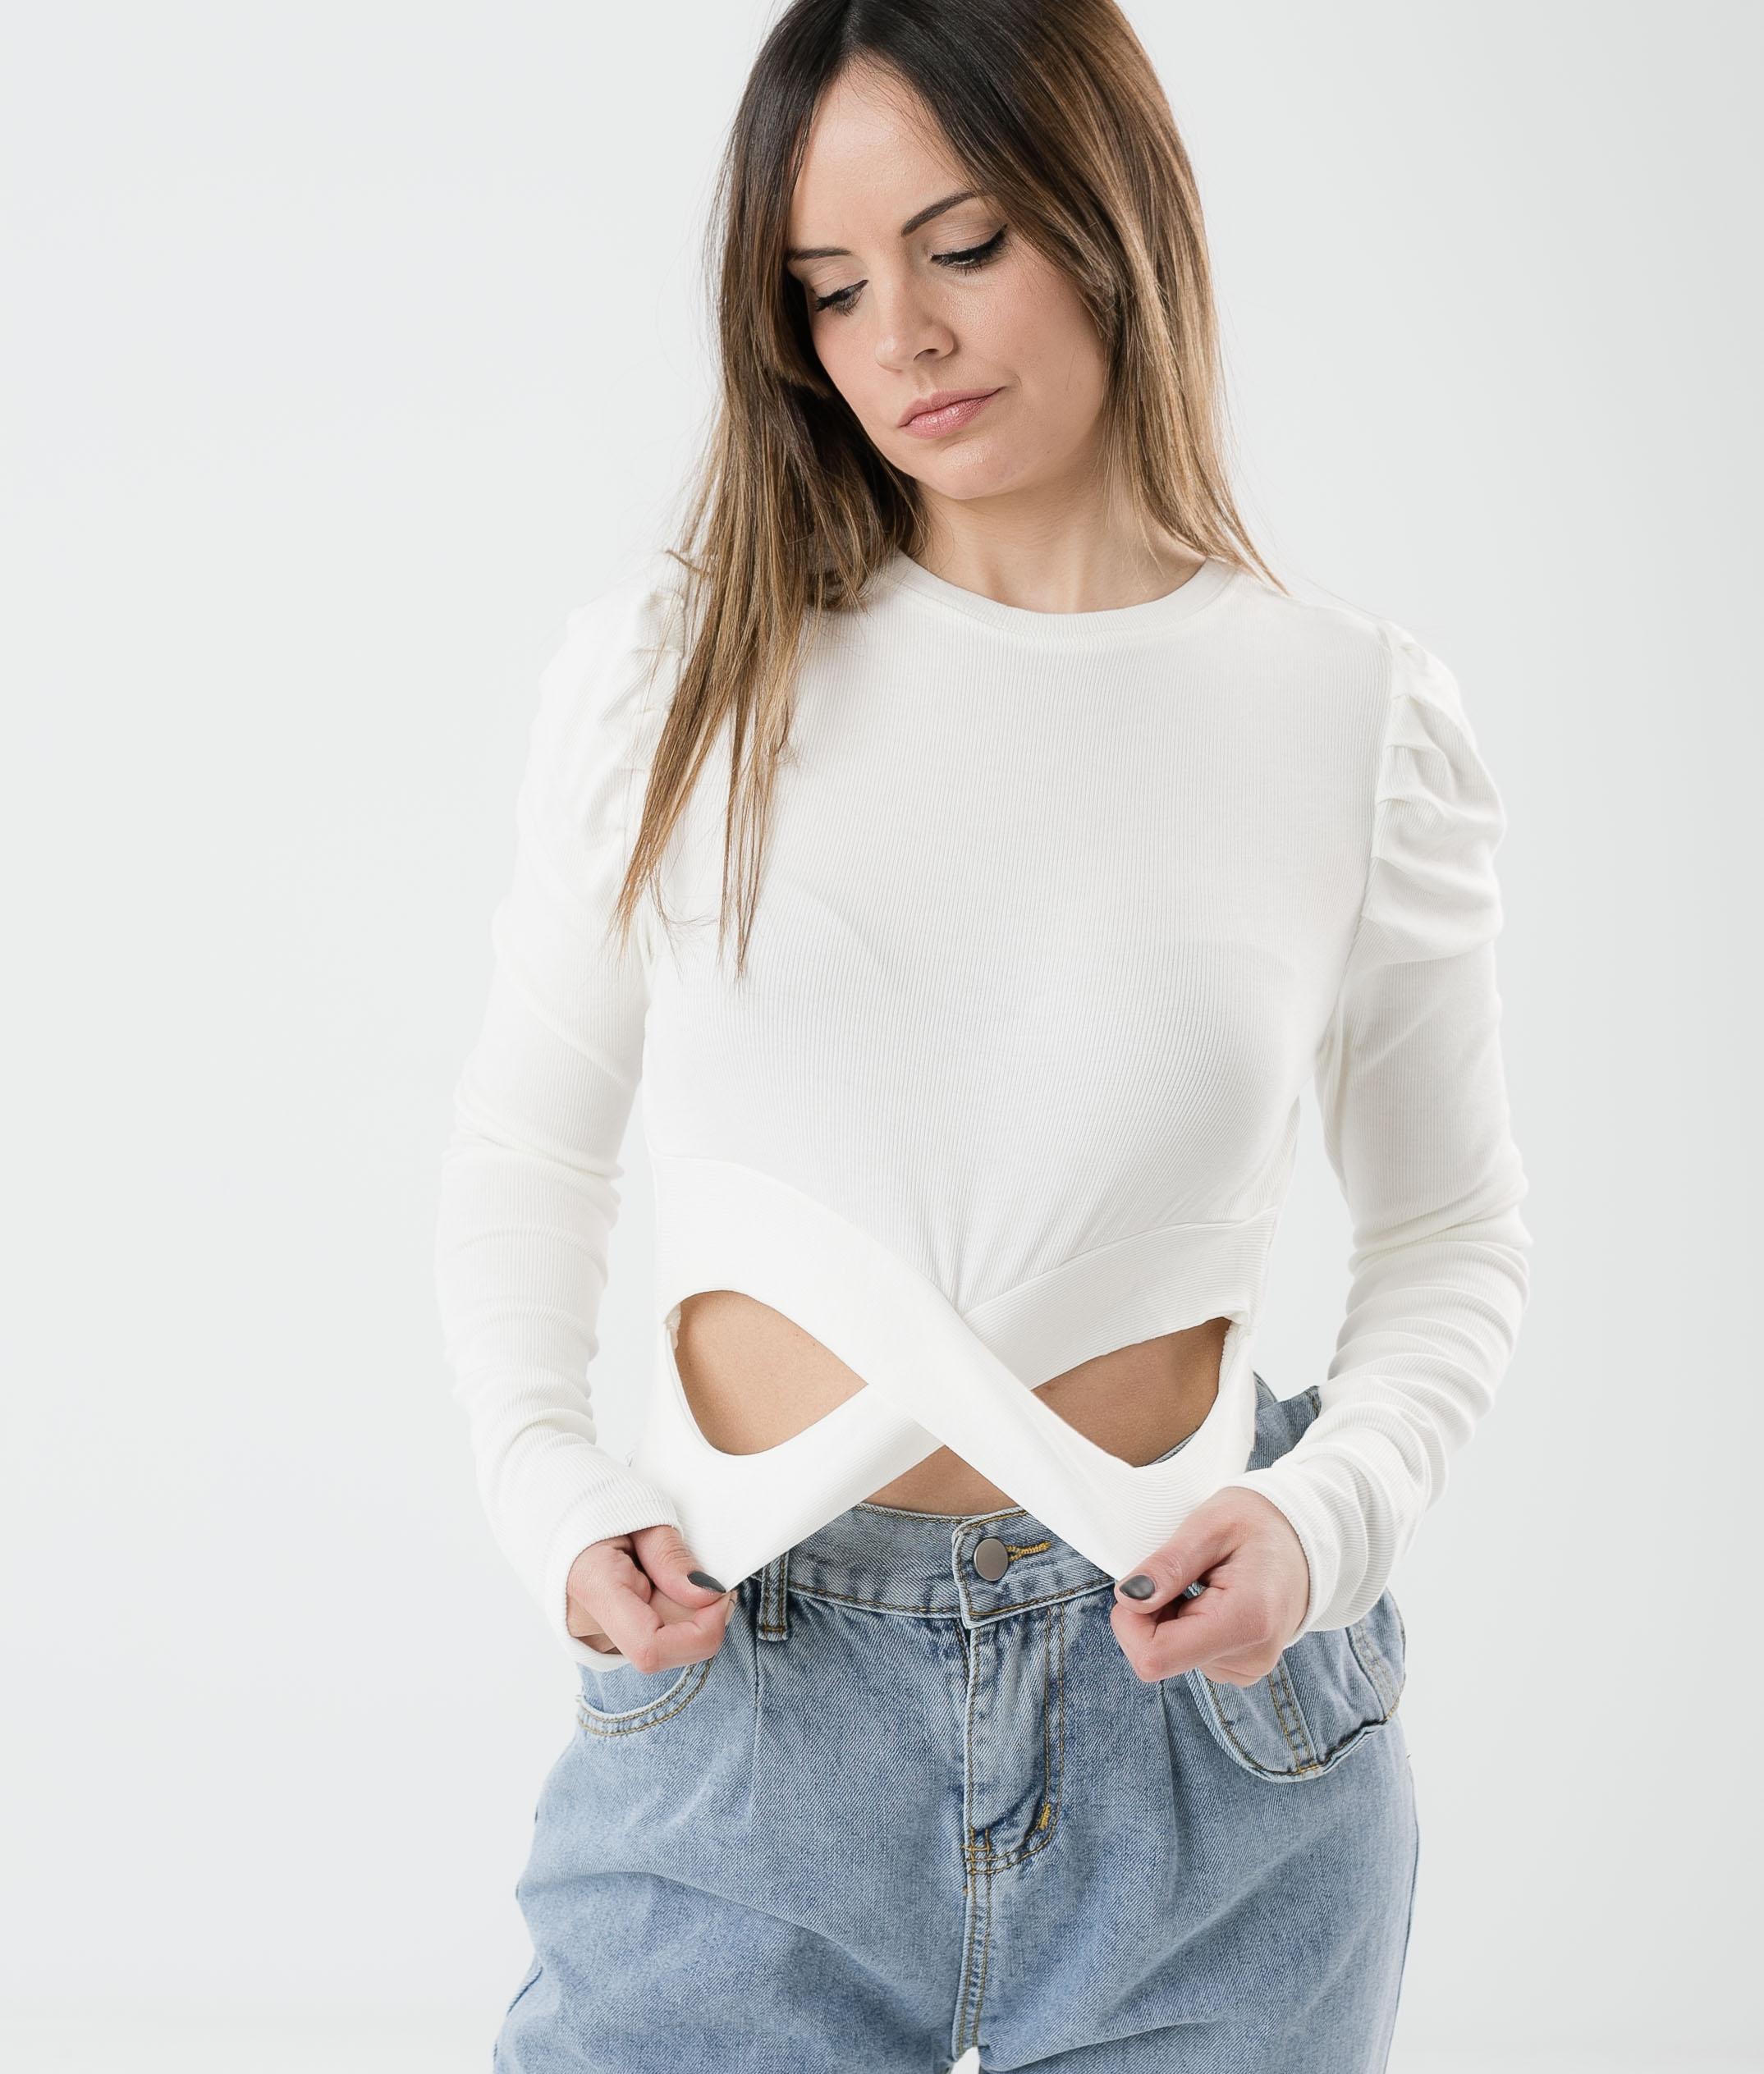 TOP MIBREL - WHITE